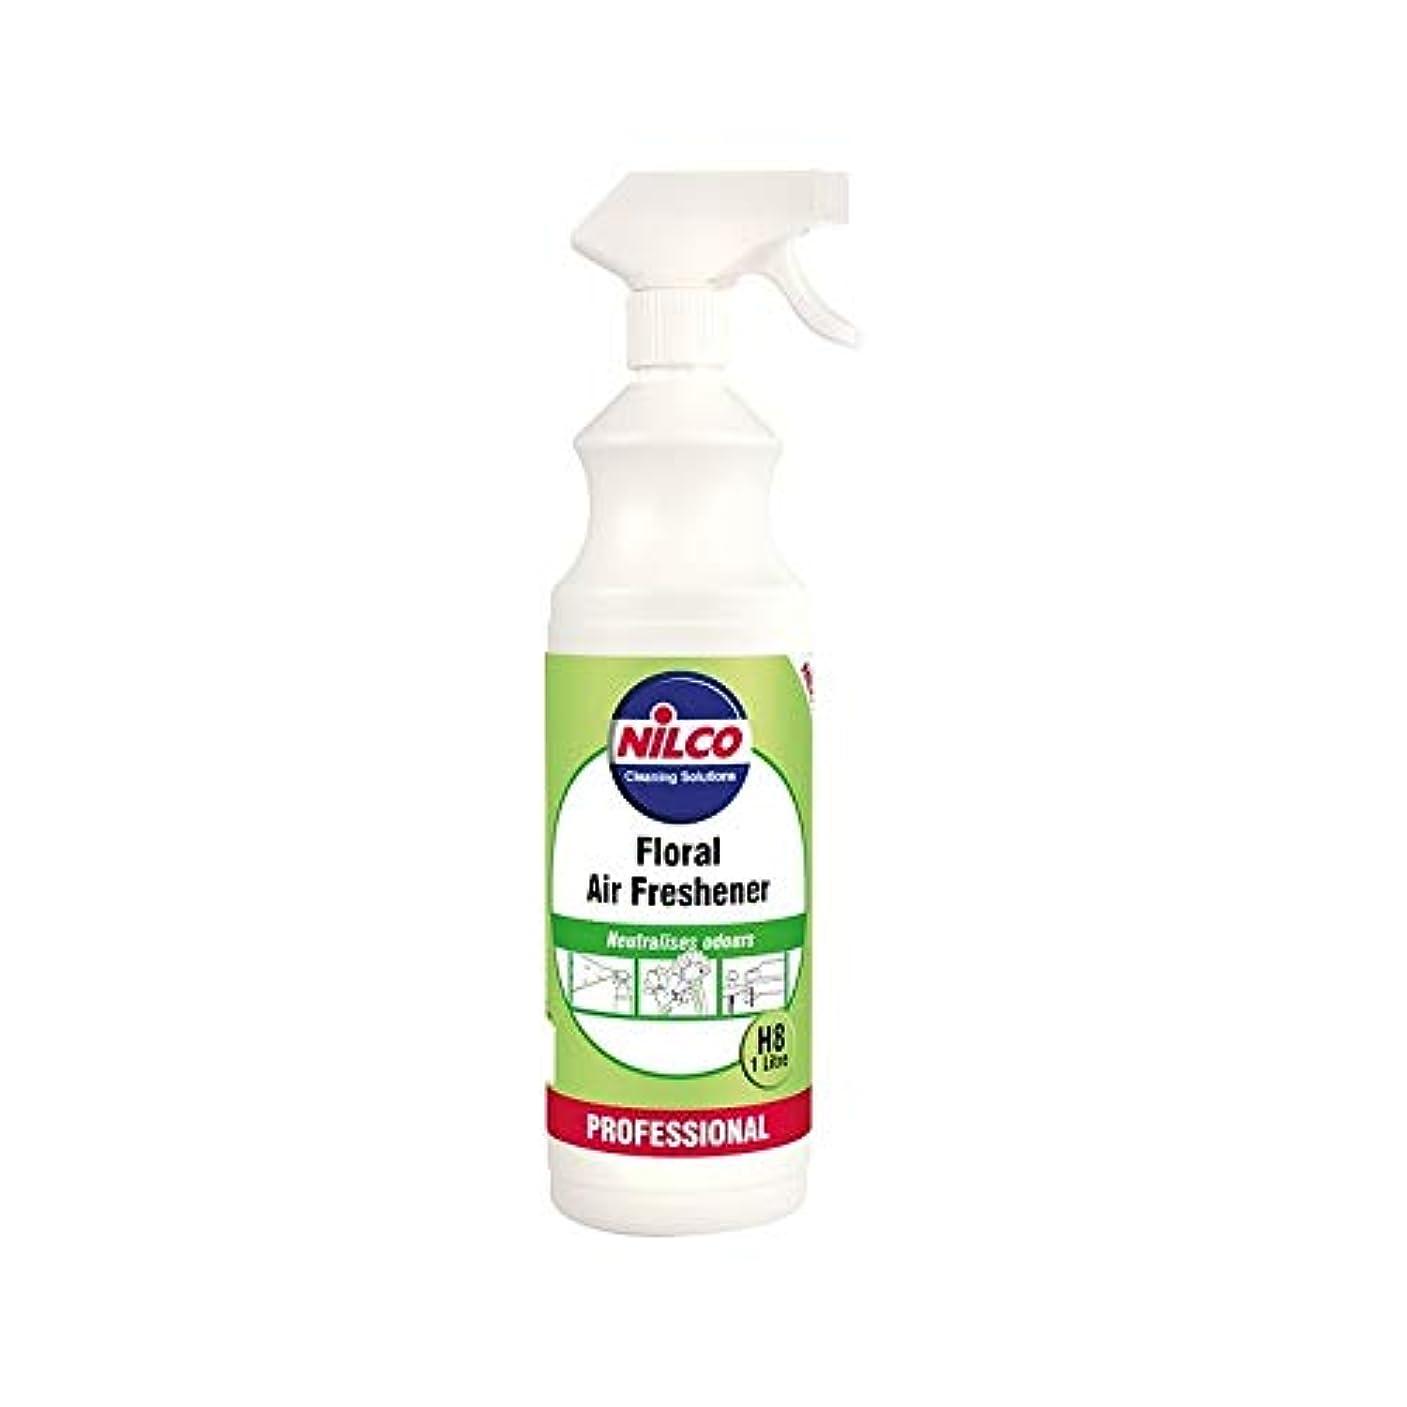 コーデリア掘る遠足[Nilco] Nilcoプロの花のエアフレッシュナーH8の1リットル - Nilco Professional Floral Air Freshener H8 1L [並行輸入品]